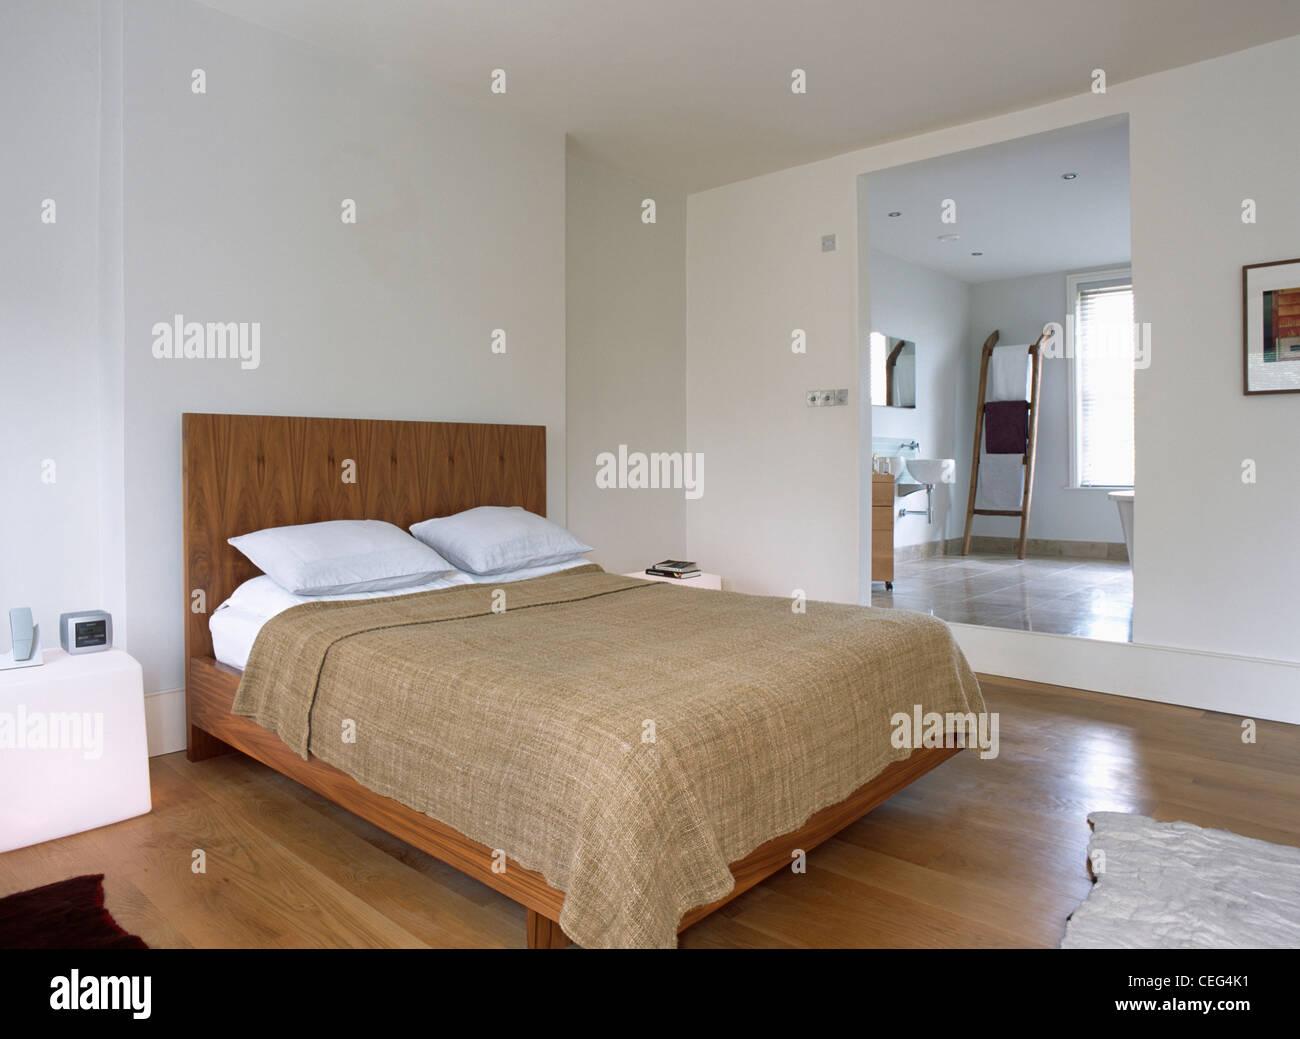 Lit Avec Oreillers Blanc Et Beige Lin Lourd Couvercle Lit Dans Chambre à  Coucher Moderne Blanc Avec Porte De Salle De Bains